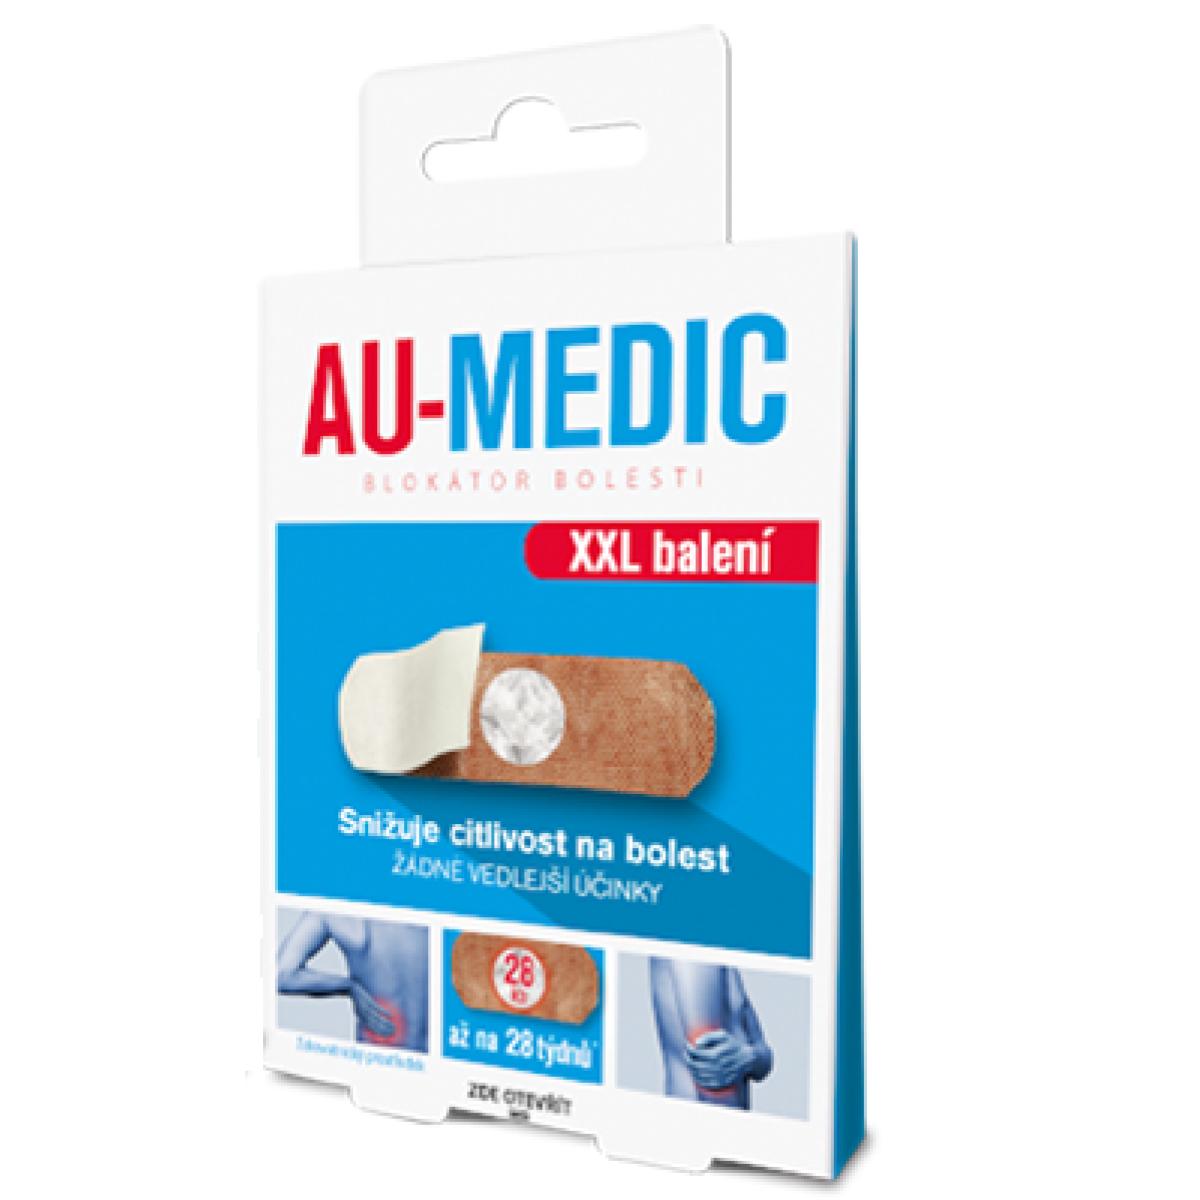 AU-MEDIC Blokátor bolesti, 28 tapů